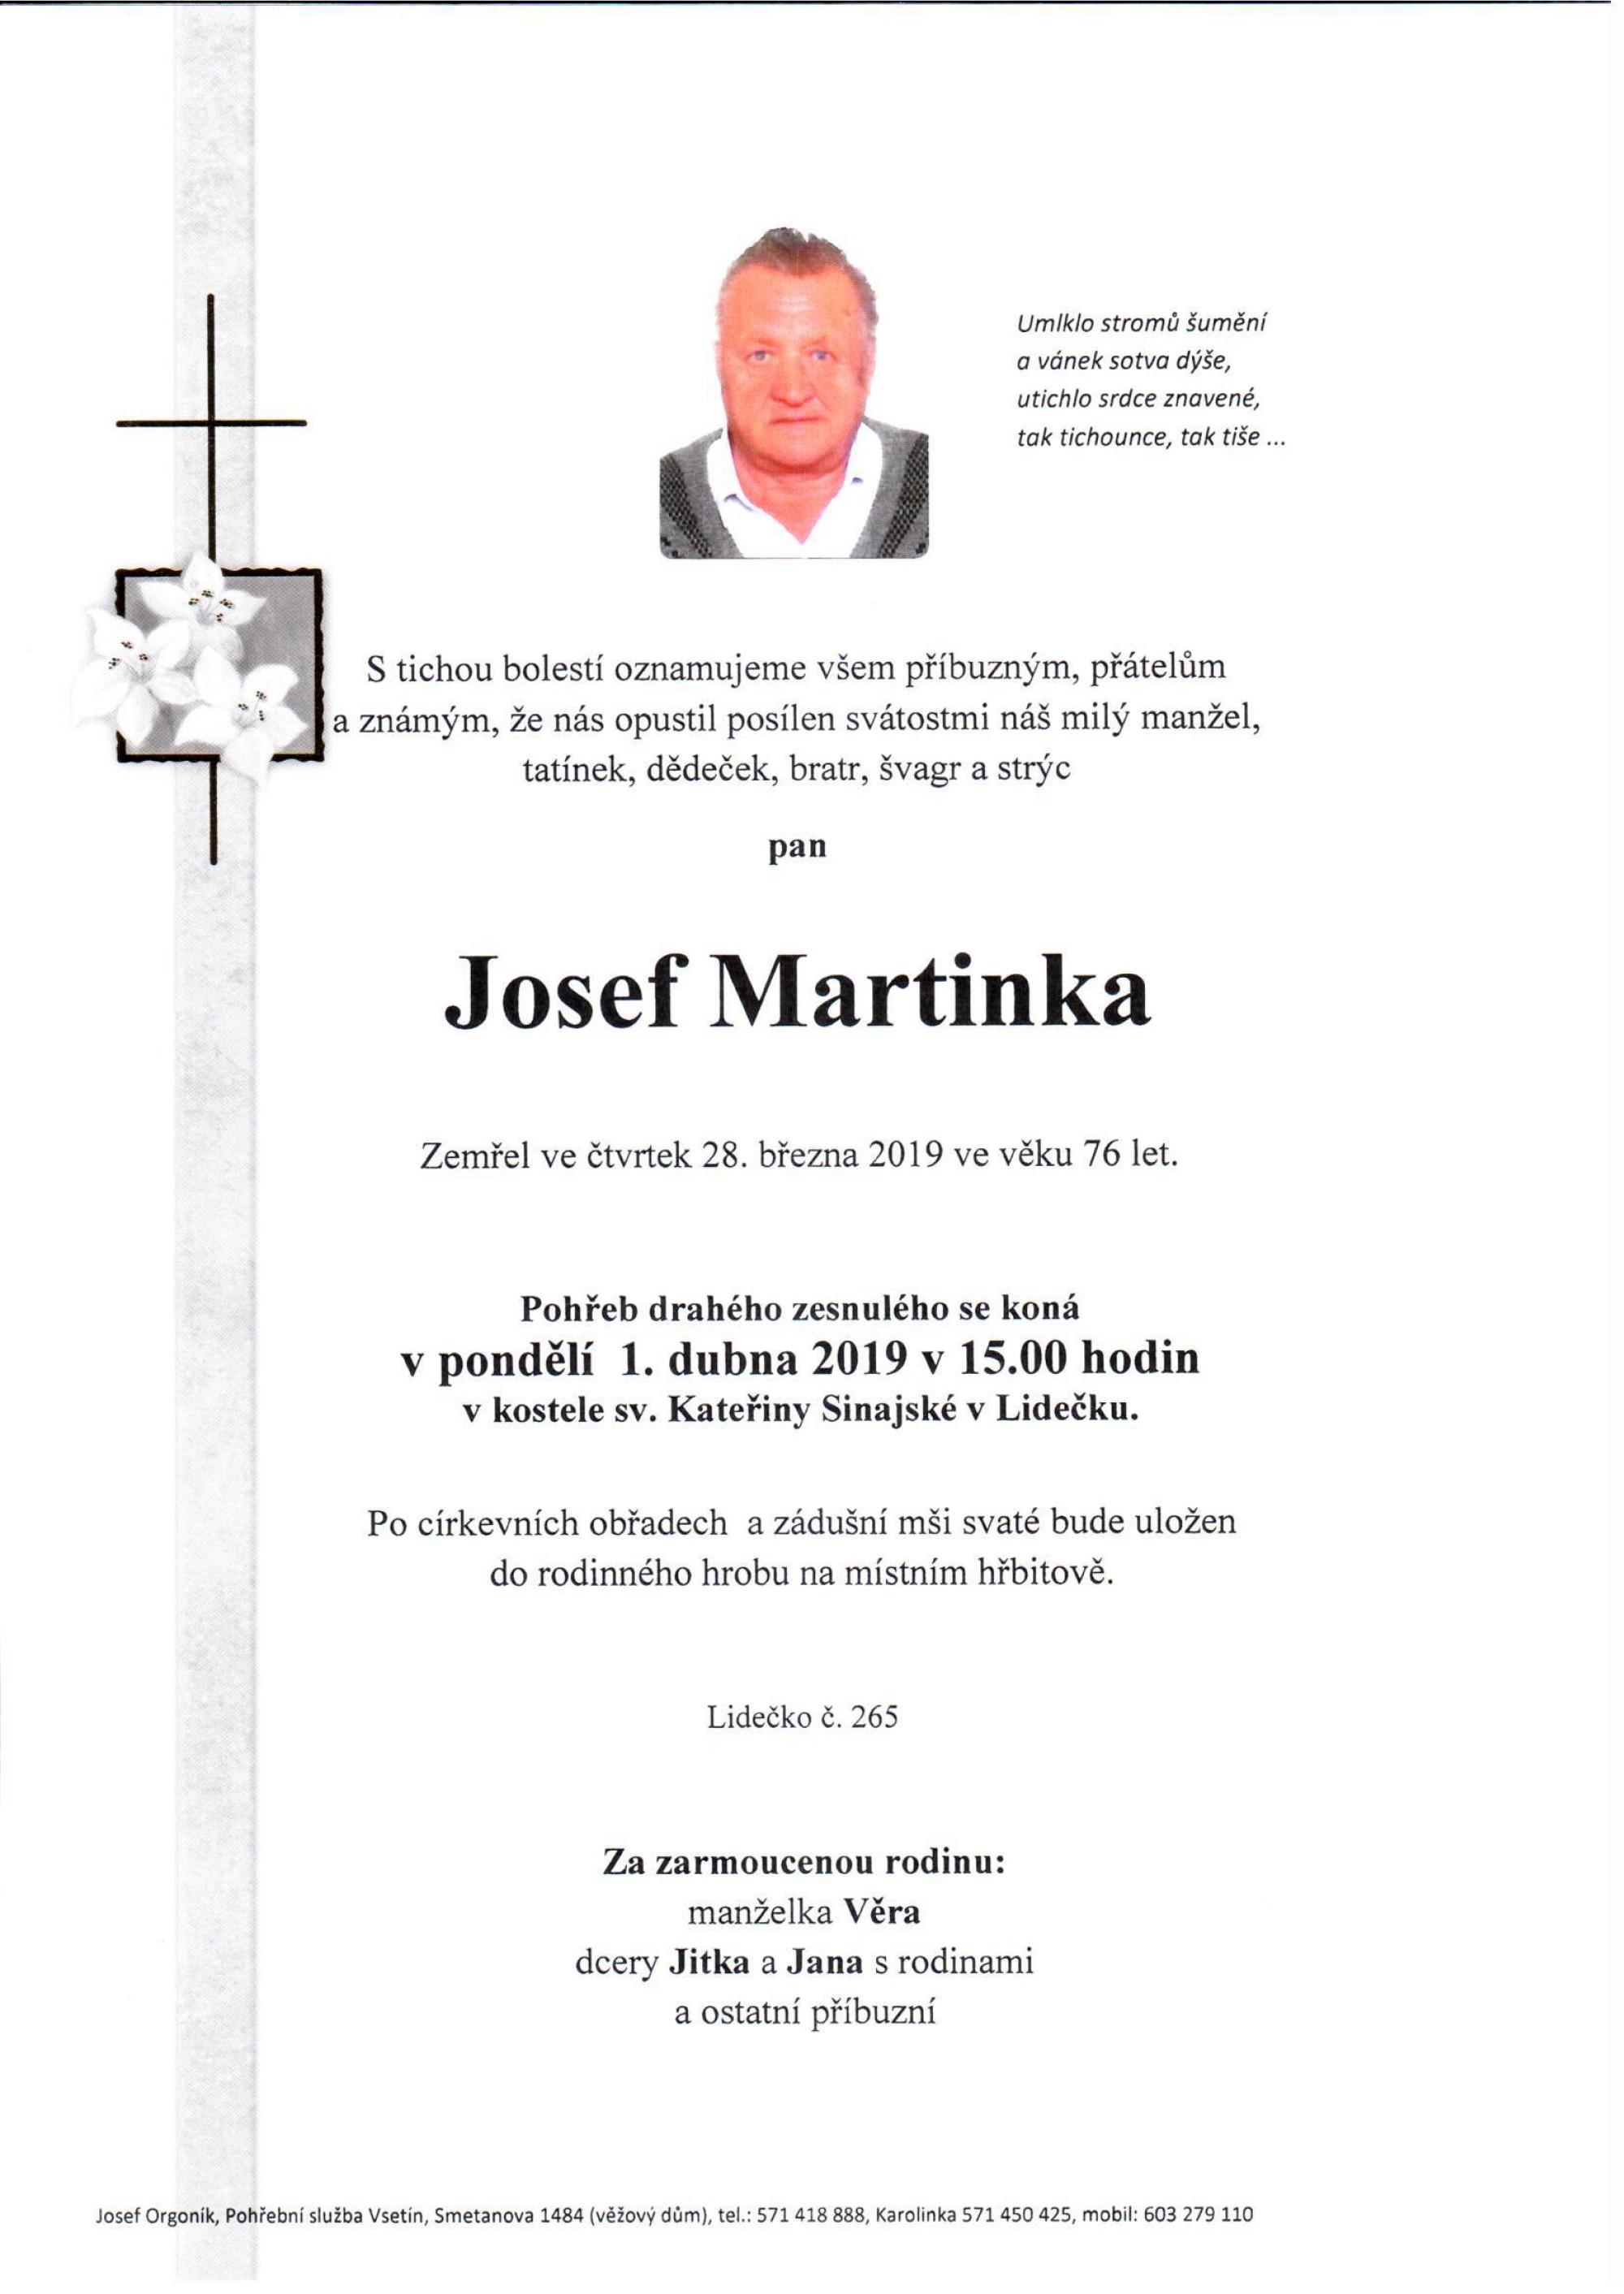 Josef Martinka